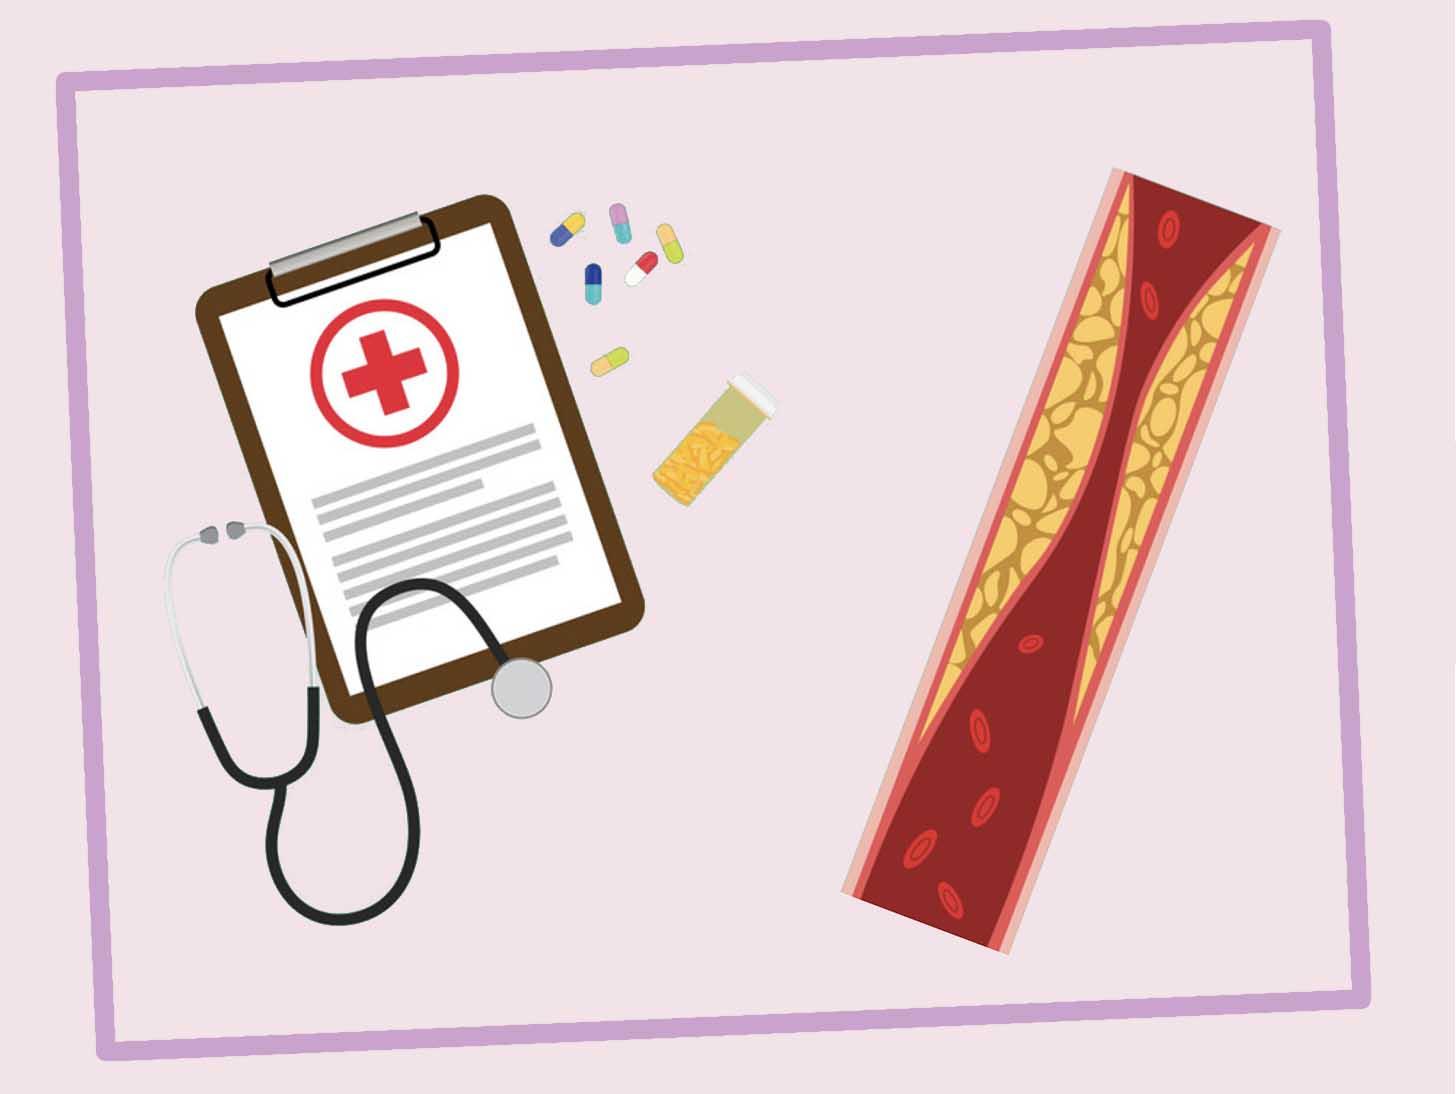 как снизить холестерин в крови в домашних условиях быстро и эффективно без лекарств -